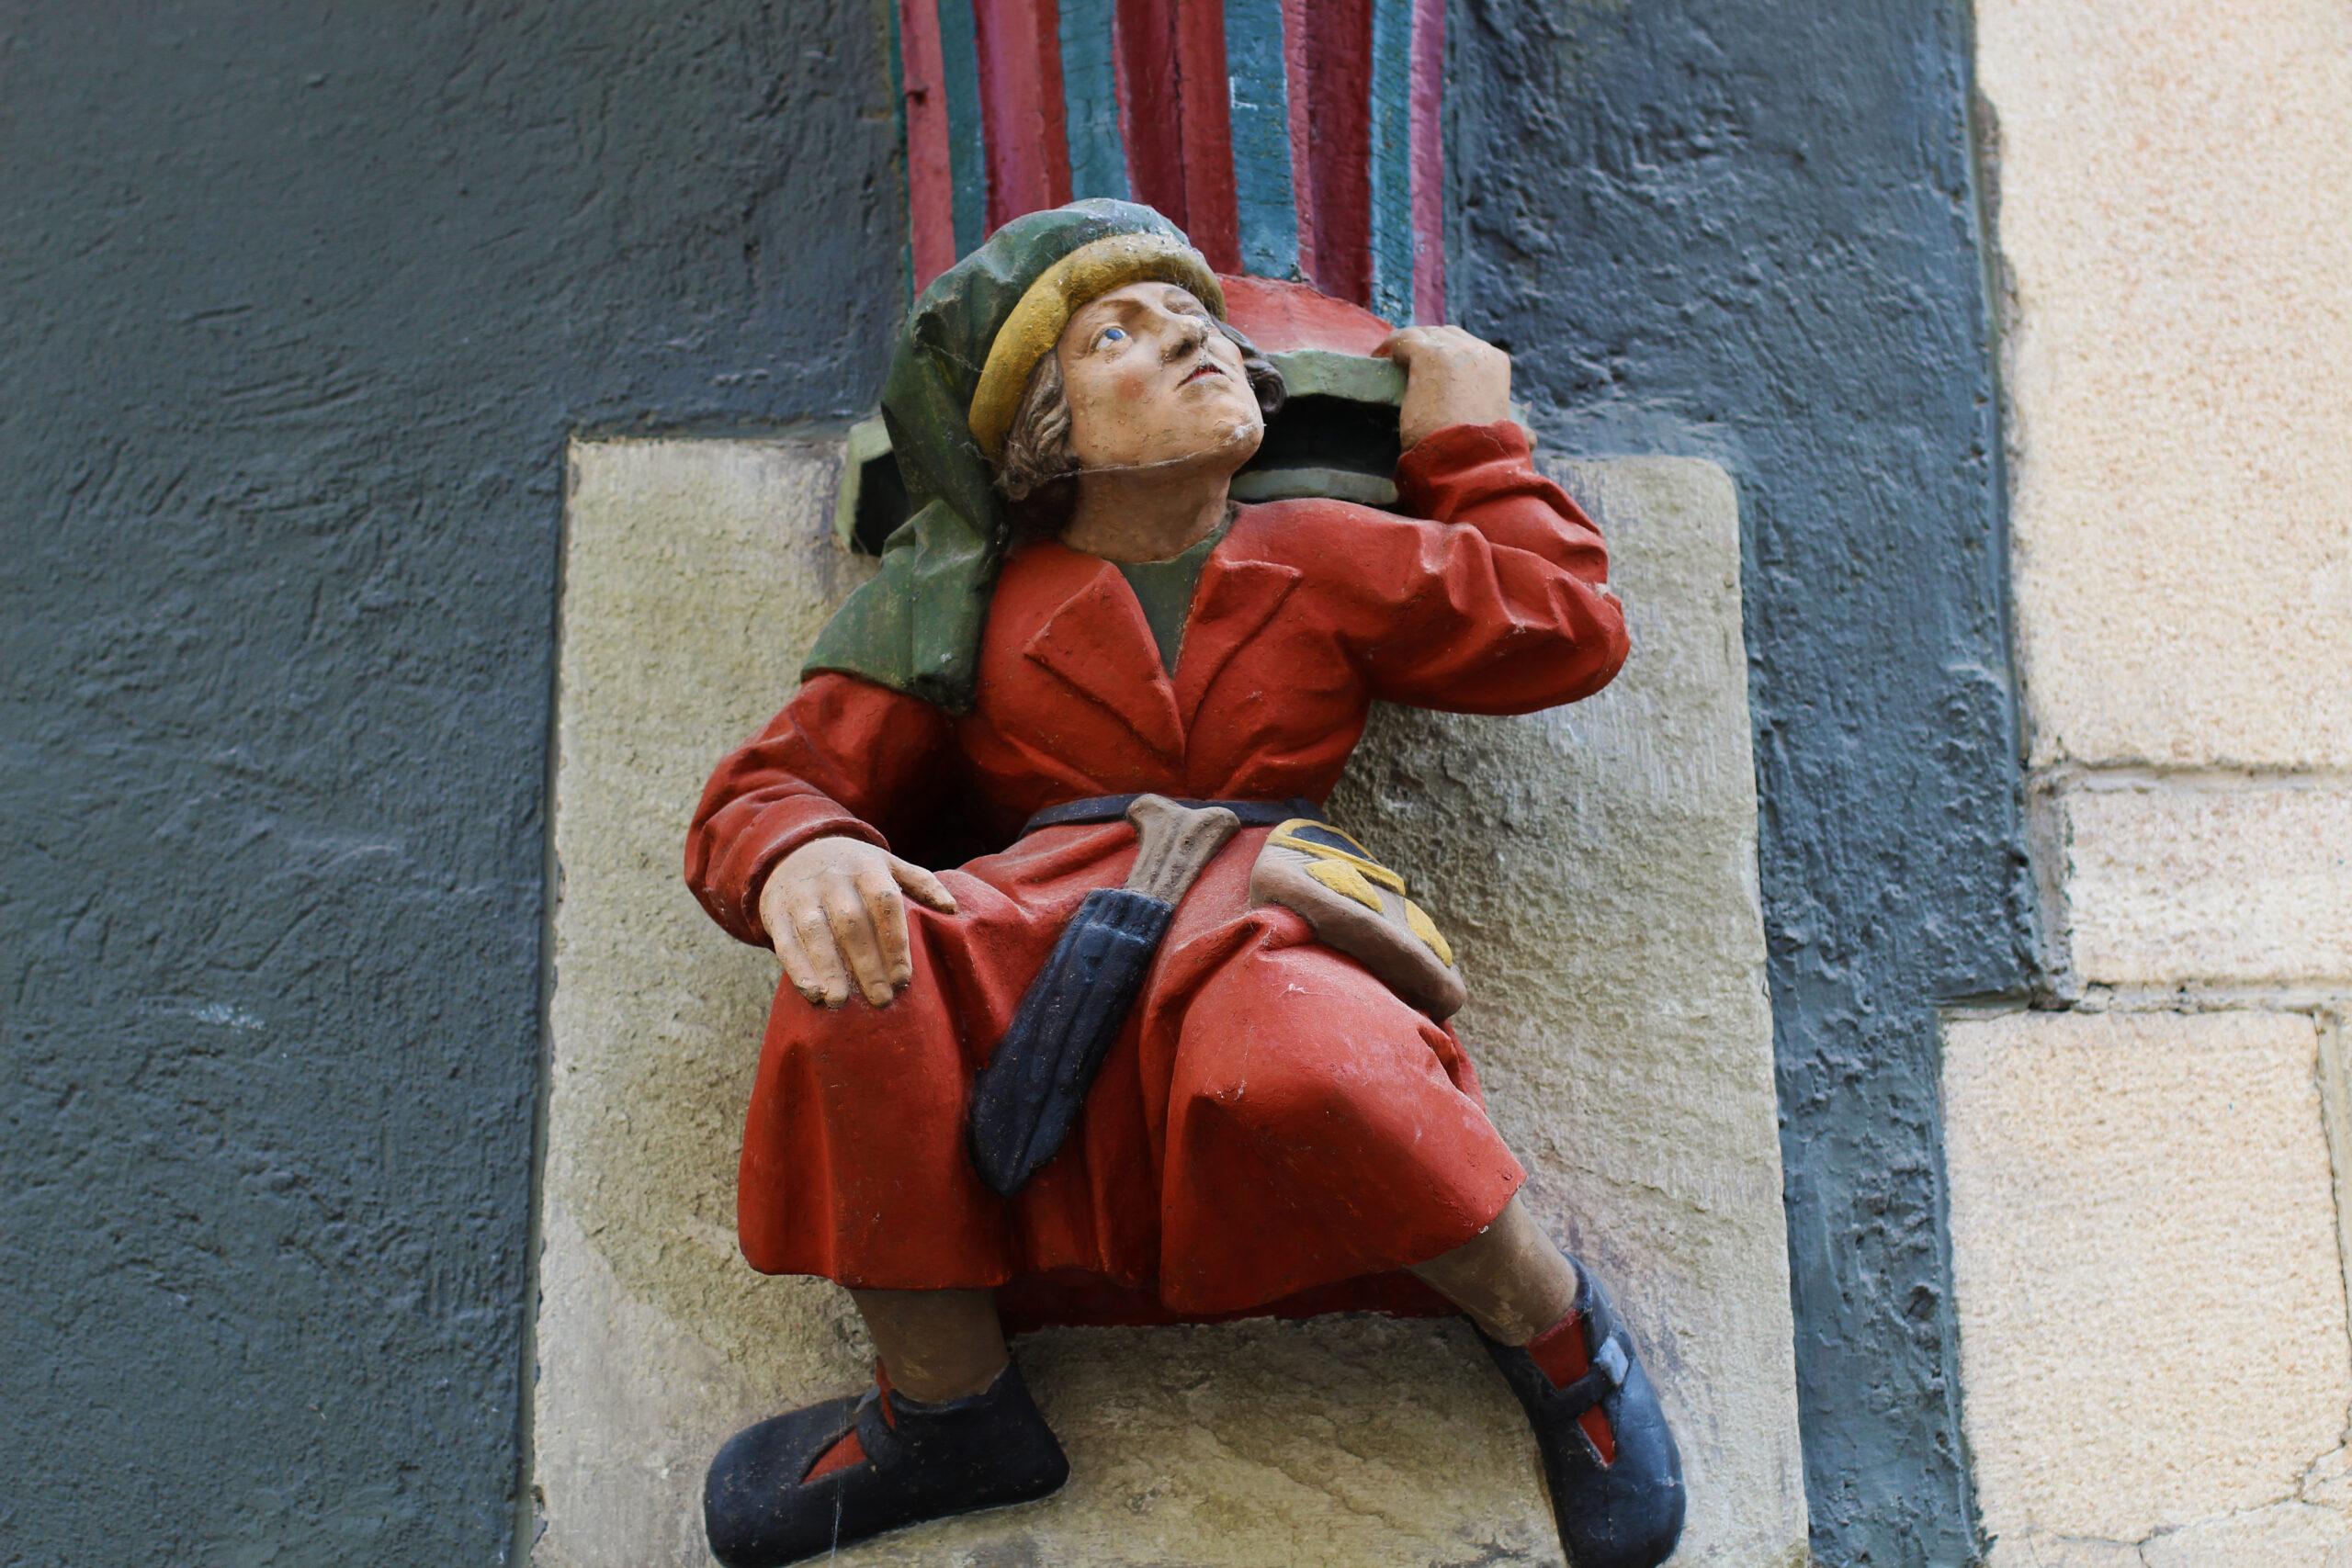 Hausfigur in der Altstadt Tübingen